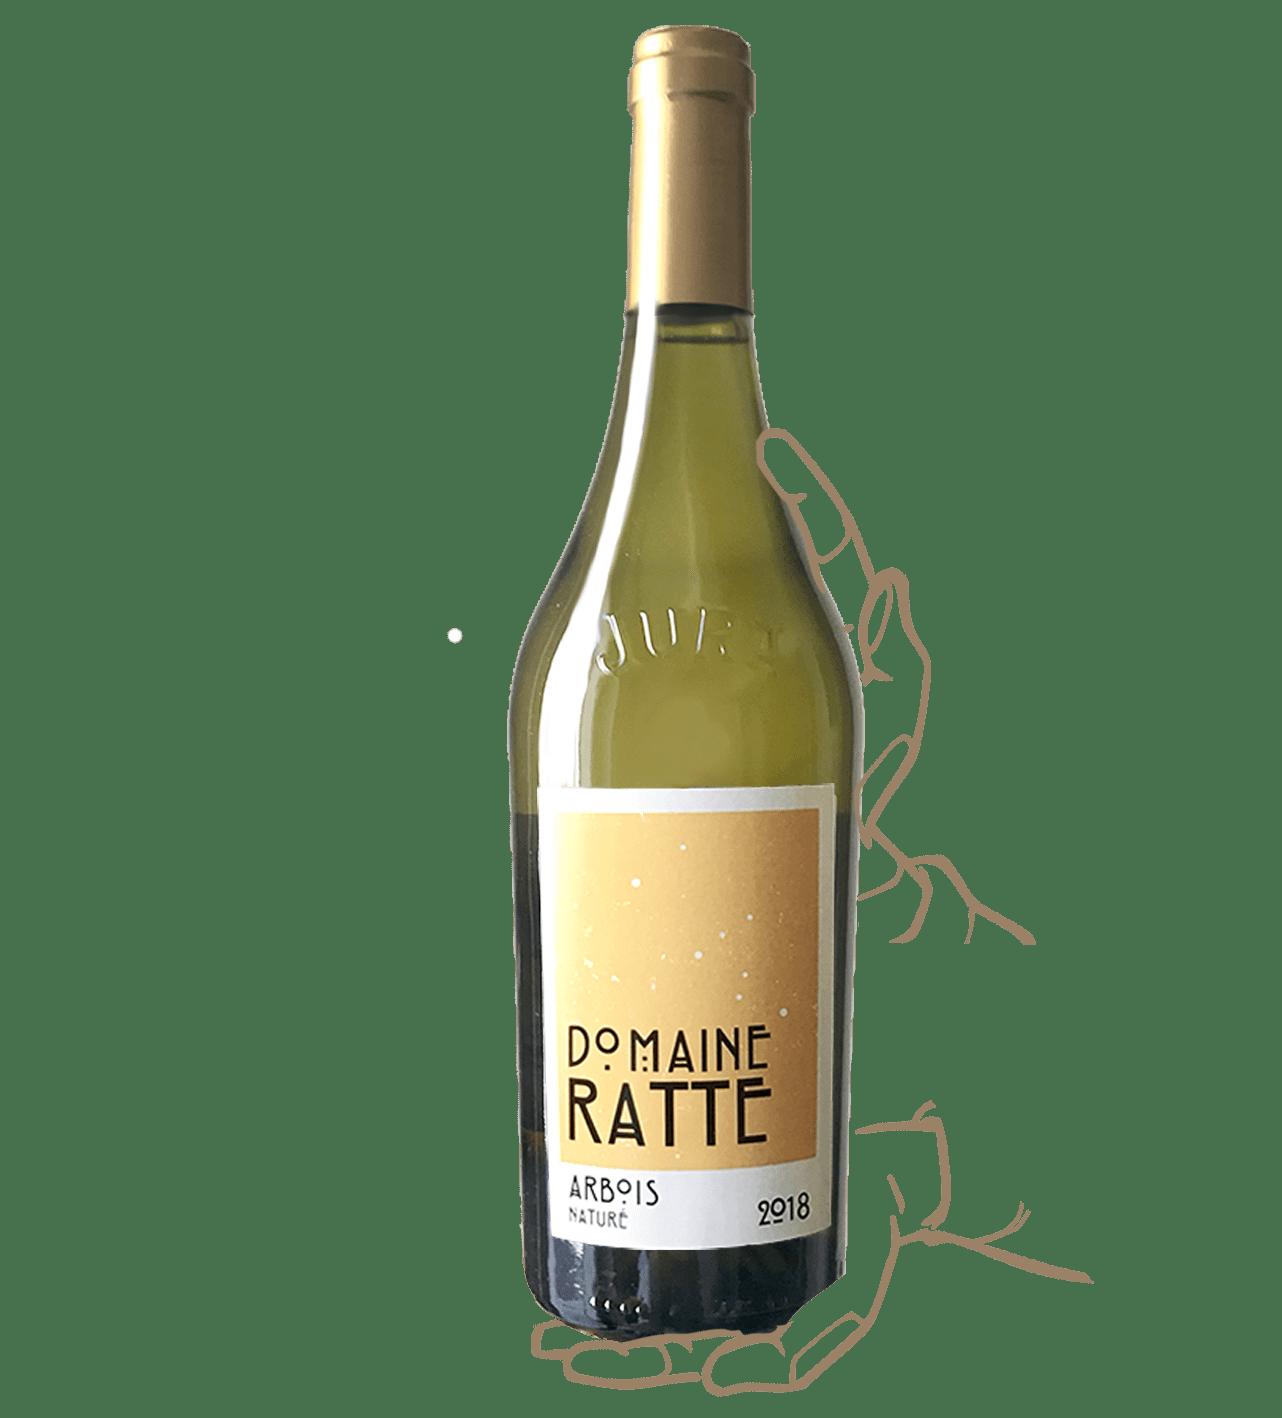 Domaine Ratte - Naturé, vin naturel du jura